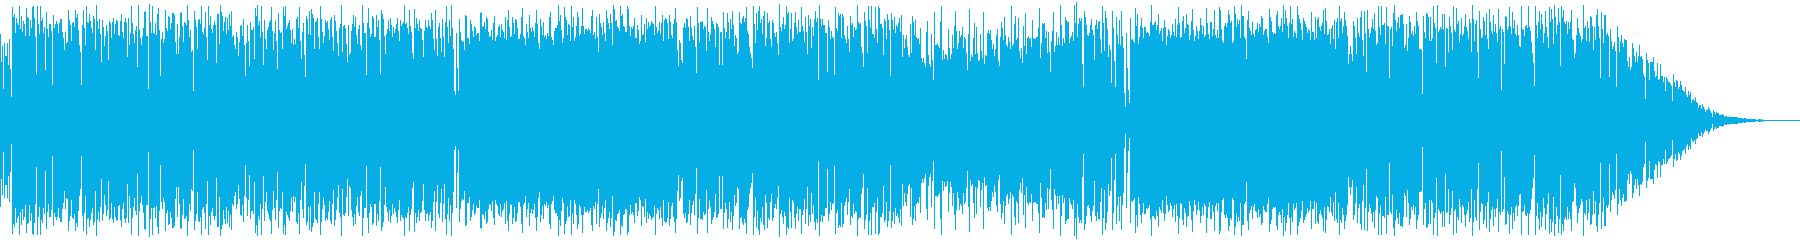 中華・カンフー映画風ファンクの再生済みの波形